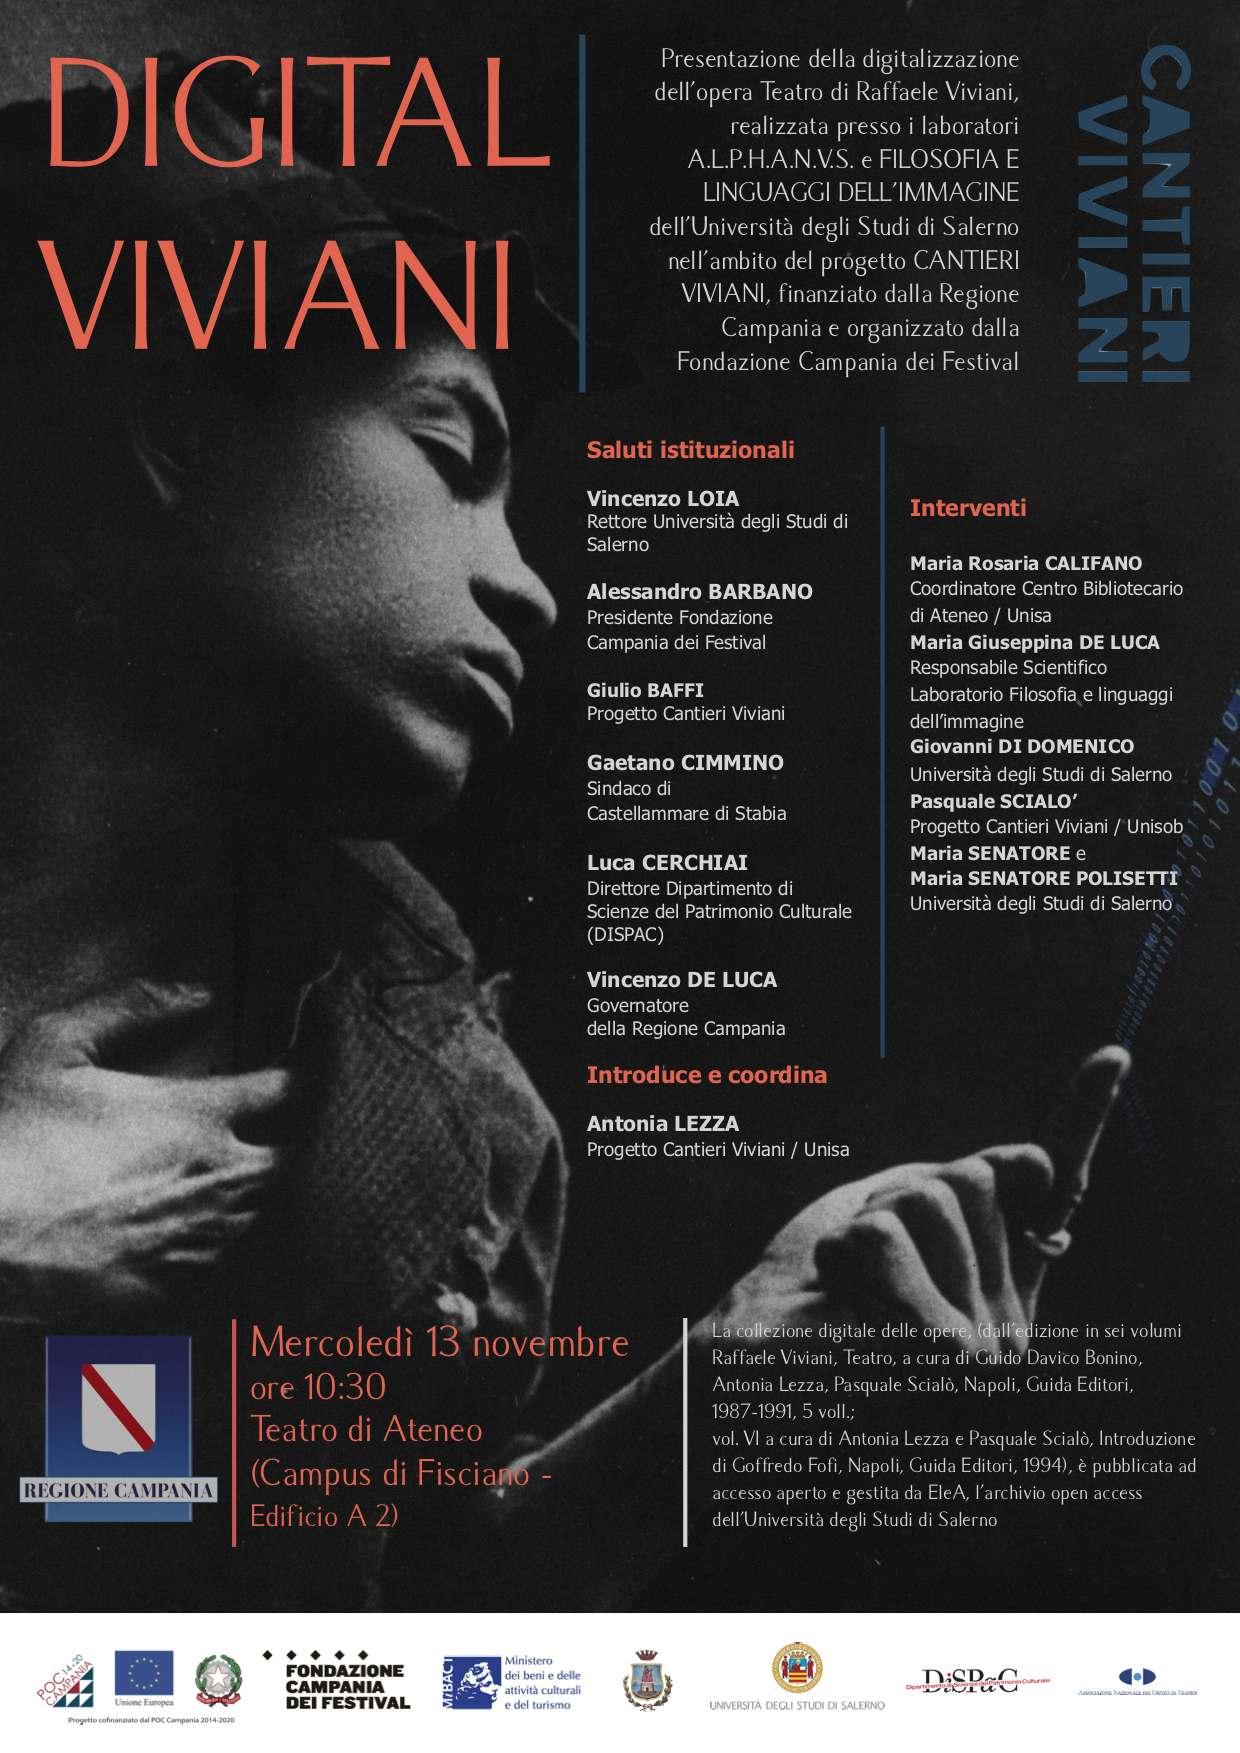 """L'opera """"Teatro"""" di Viviani digitalizzata"""